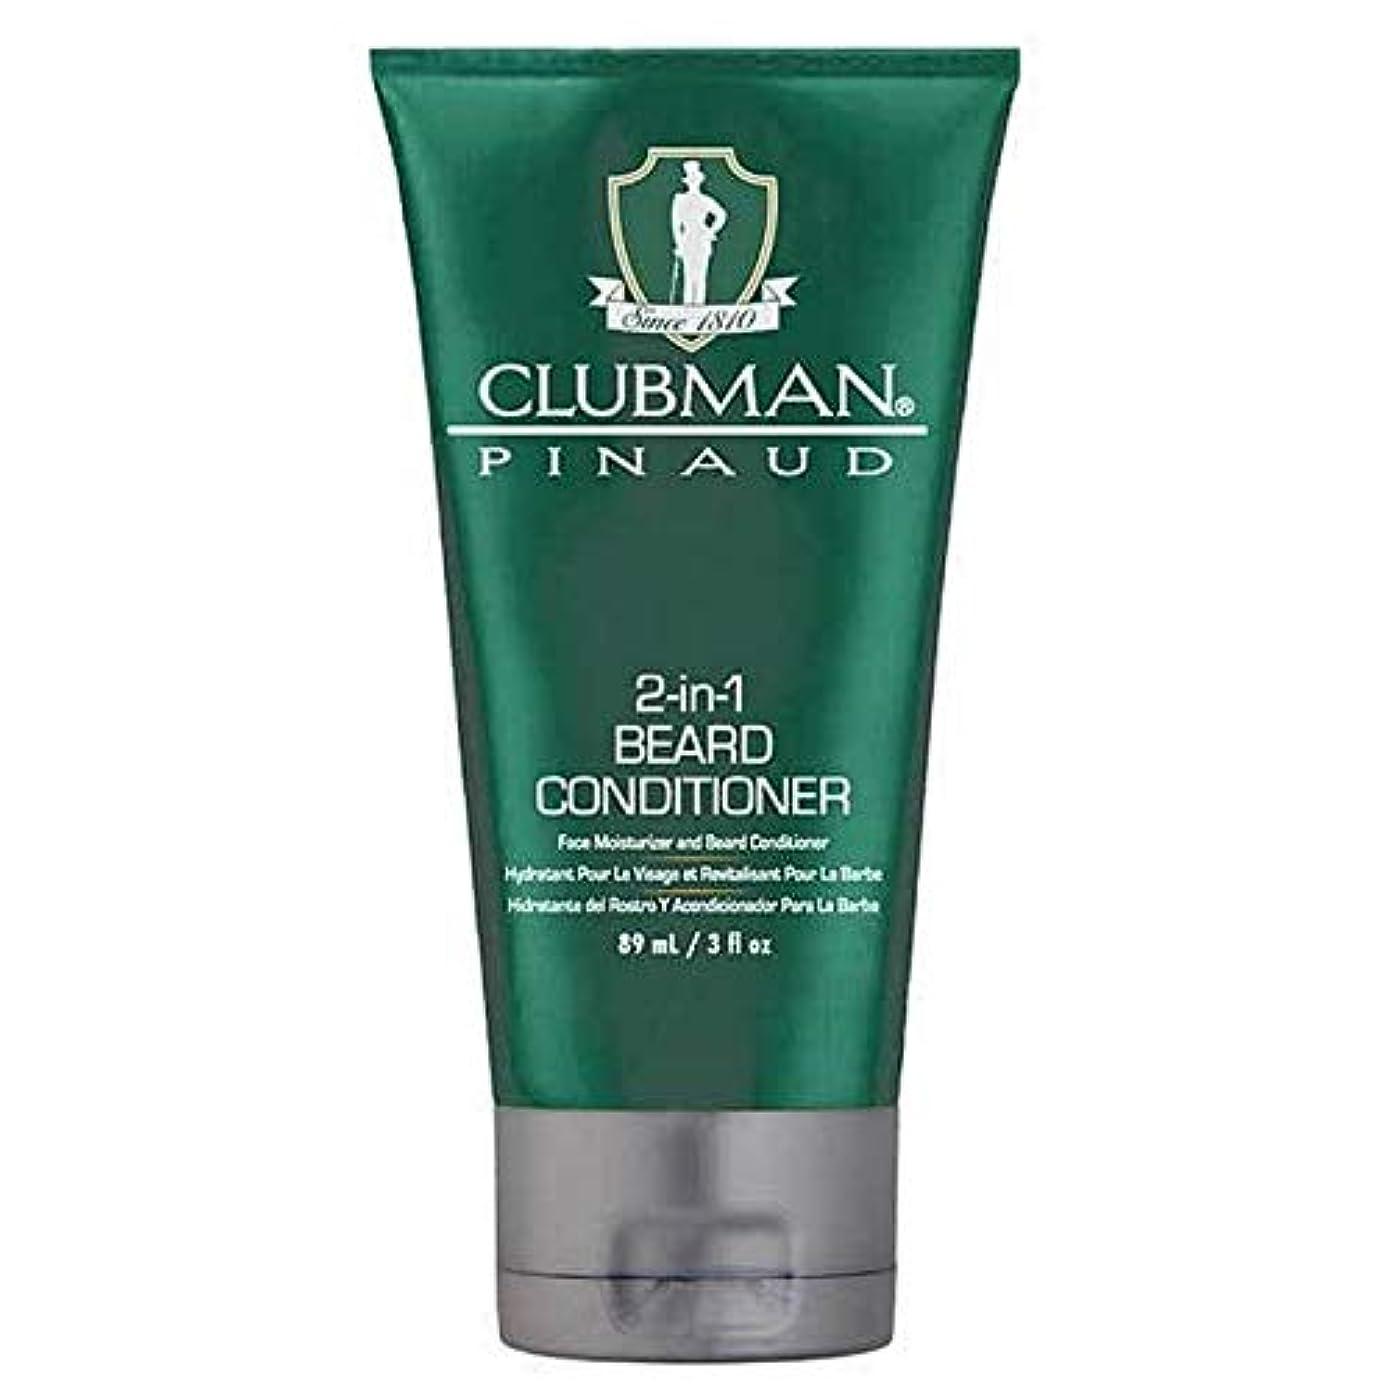 引き潮効果的にバルーン[Clubman ] クラブマン2-In-1髭コンディショナー89ミリリットル - Clubman 2-in-1 Beard Conditioner 89ml [並行輸入品]